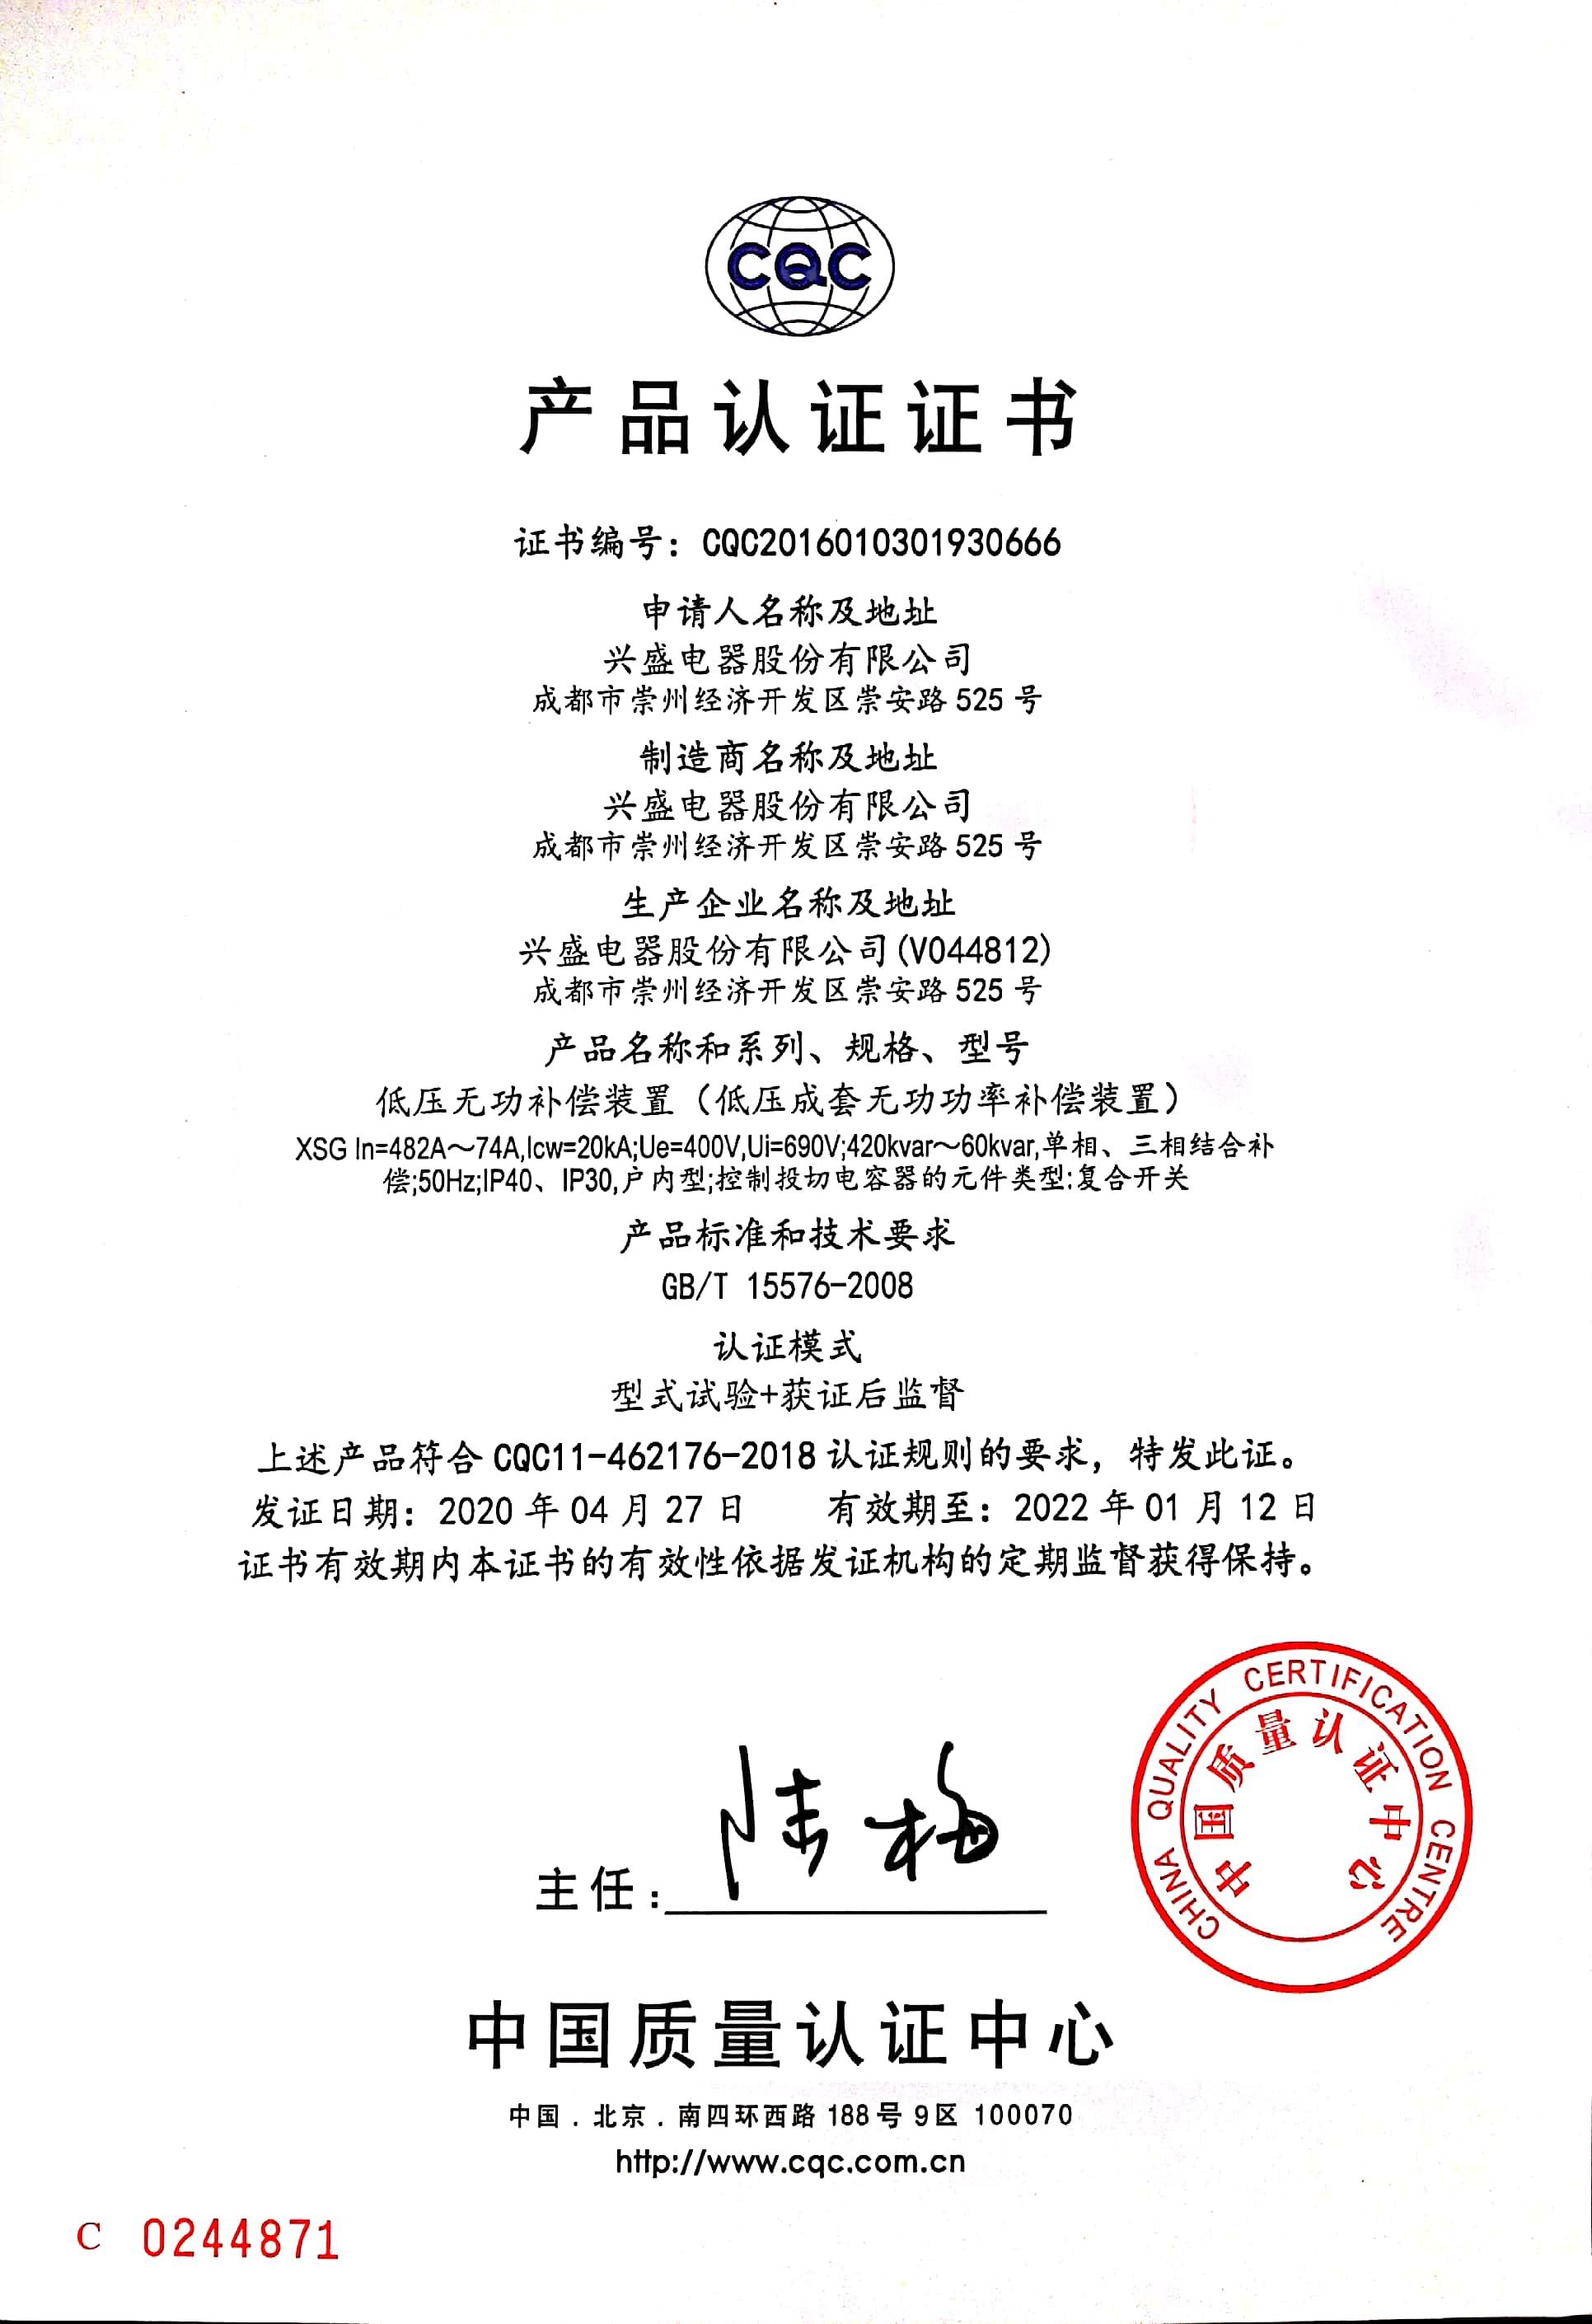 低压无功补偿装置XSG产品认证证书3